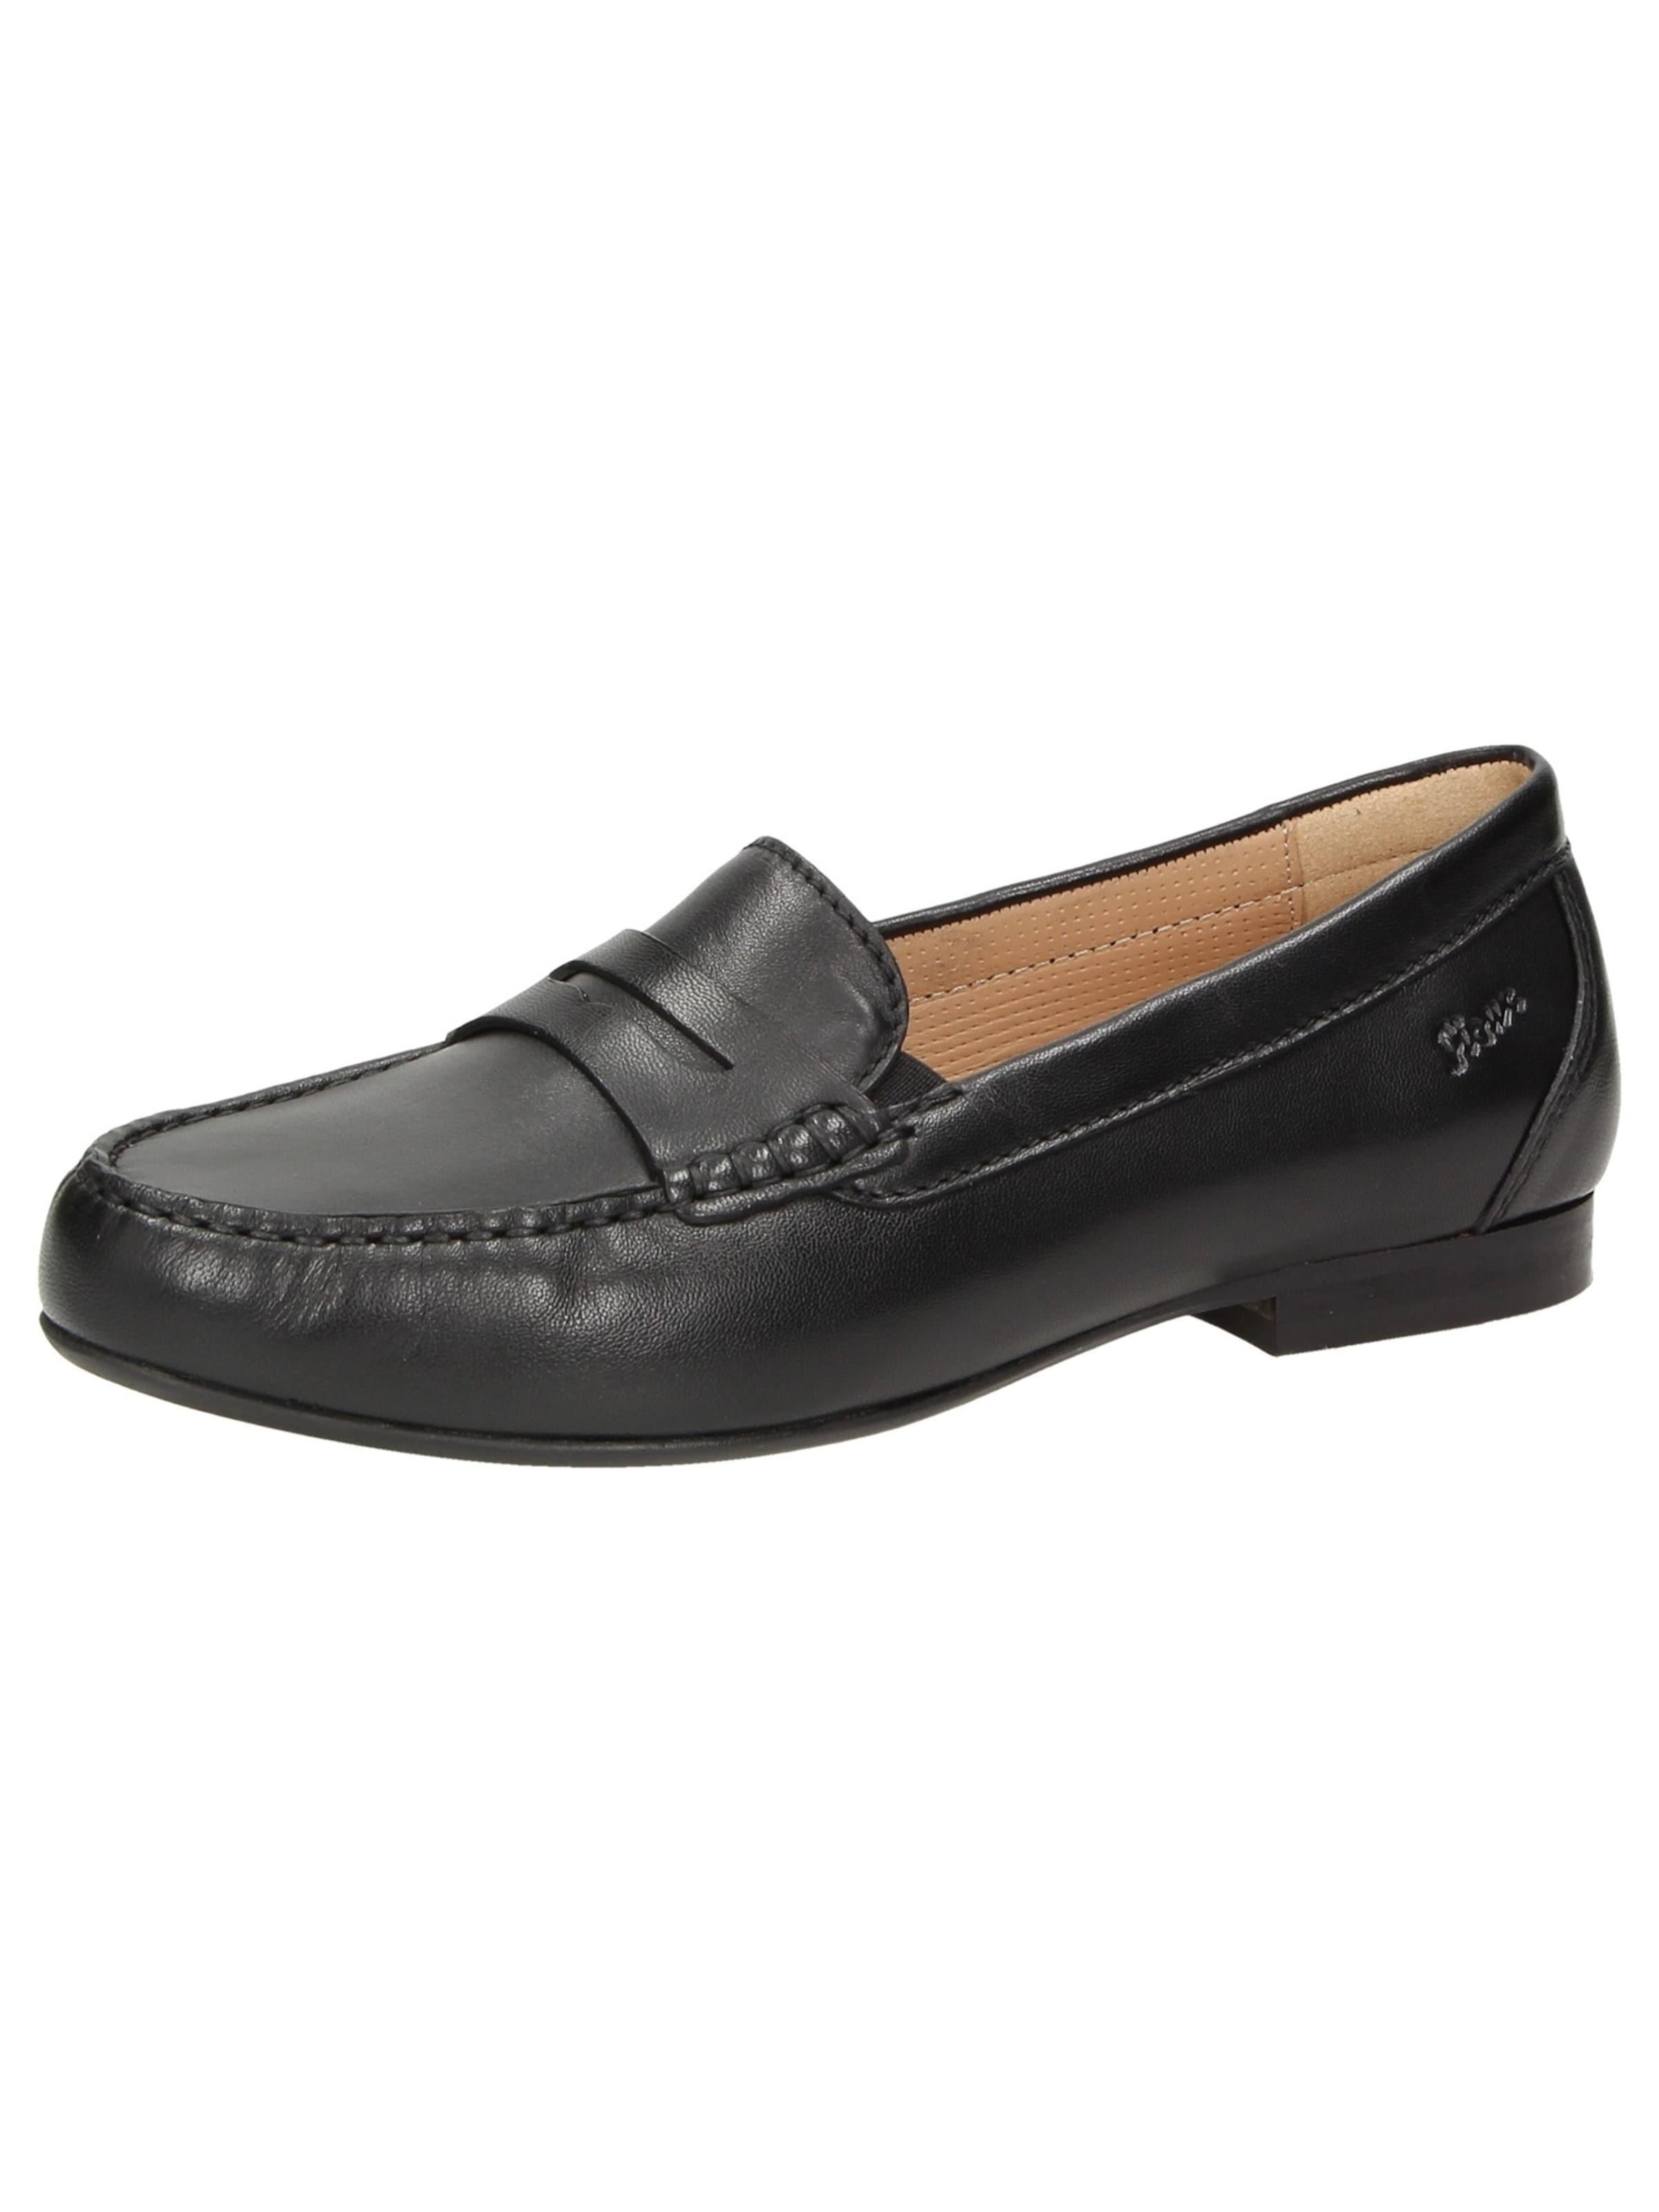 SIOUX Slipper Bodena-XL Verschleißfeste billige Schuhe